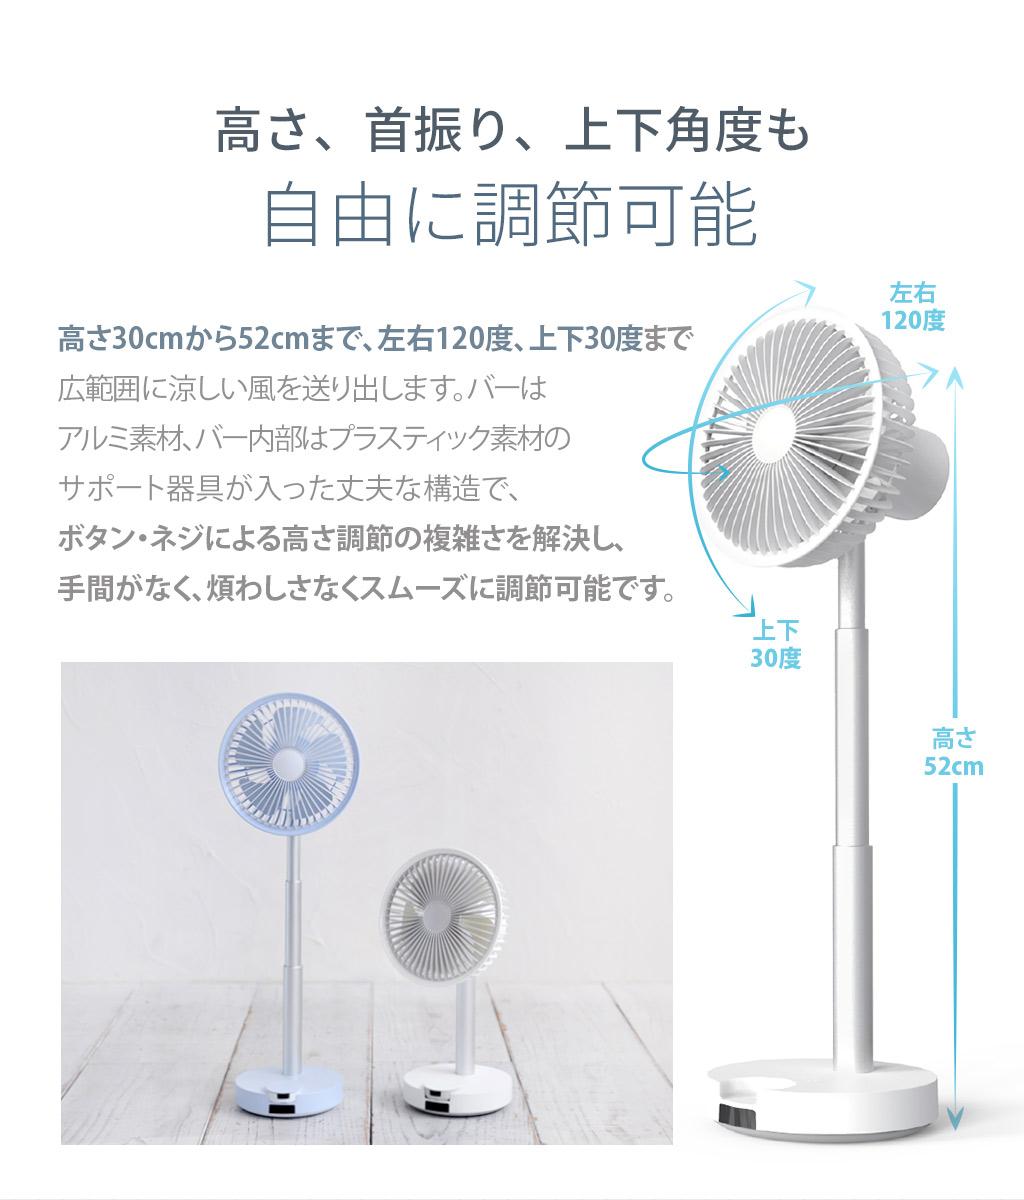 【当日発送 平日13時まで】BLUEFEEL BARSET 4D FAN コードレス卓上扇風機 テレワーク 在宅勤務